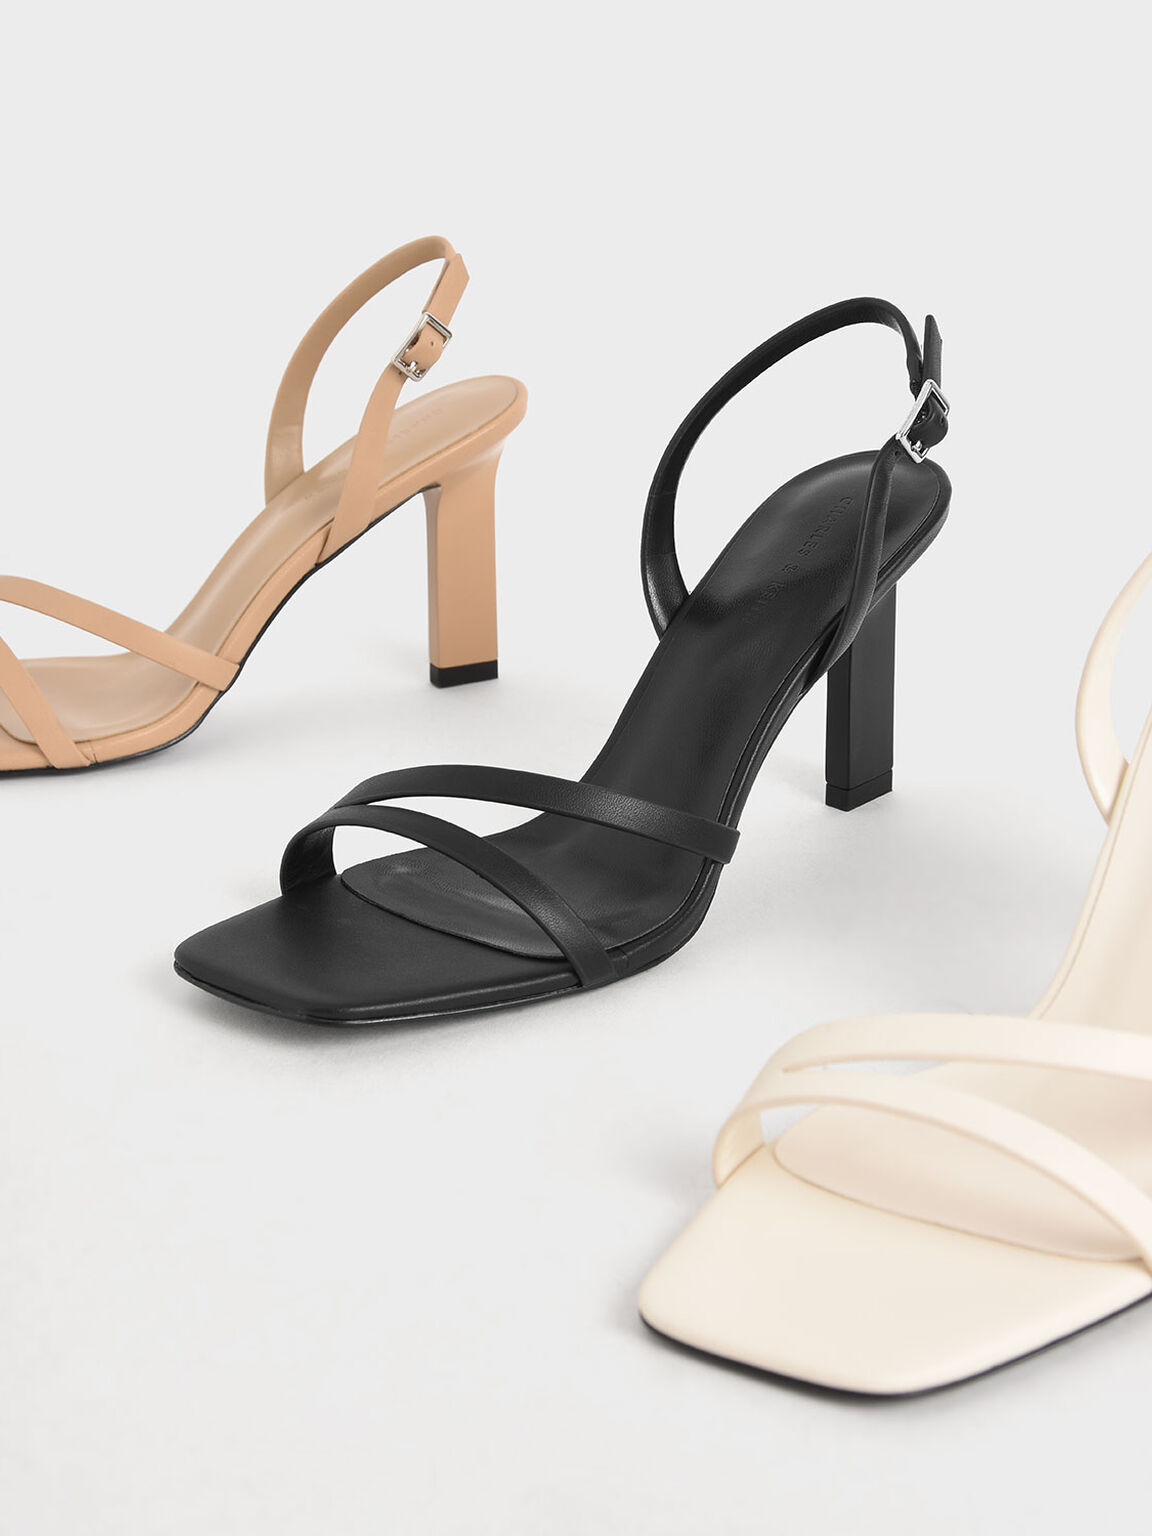 Mẫu sandals khiến Hà Trúc mê mẩn mua gần chục đôi đi dần: Chị em dễ dàng copy hoặc sắm mẫu na ná chỉ vài trăm nghìn - ảnh 6